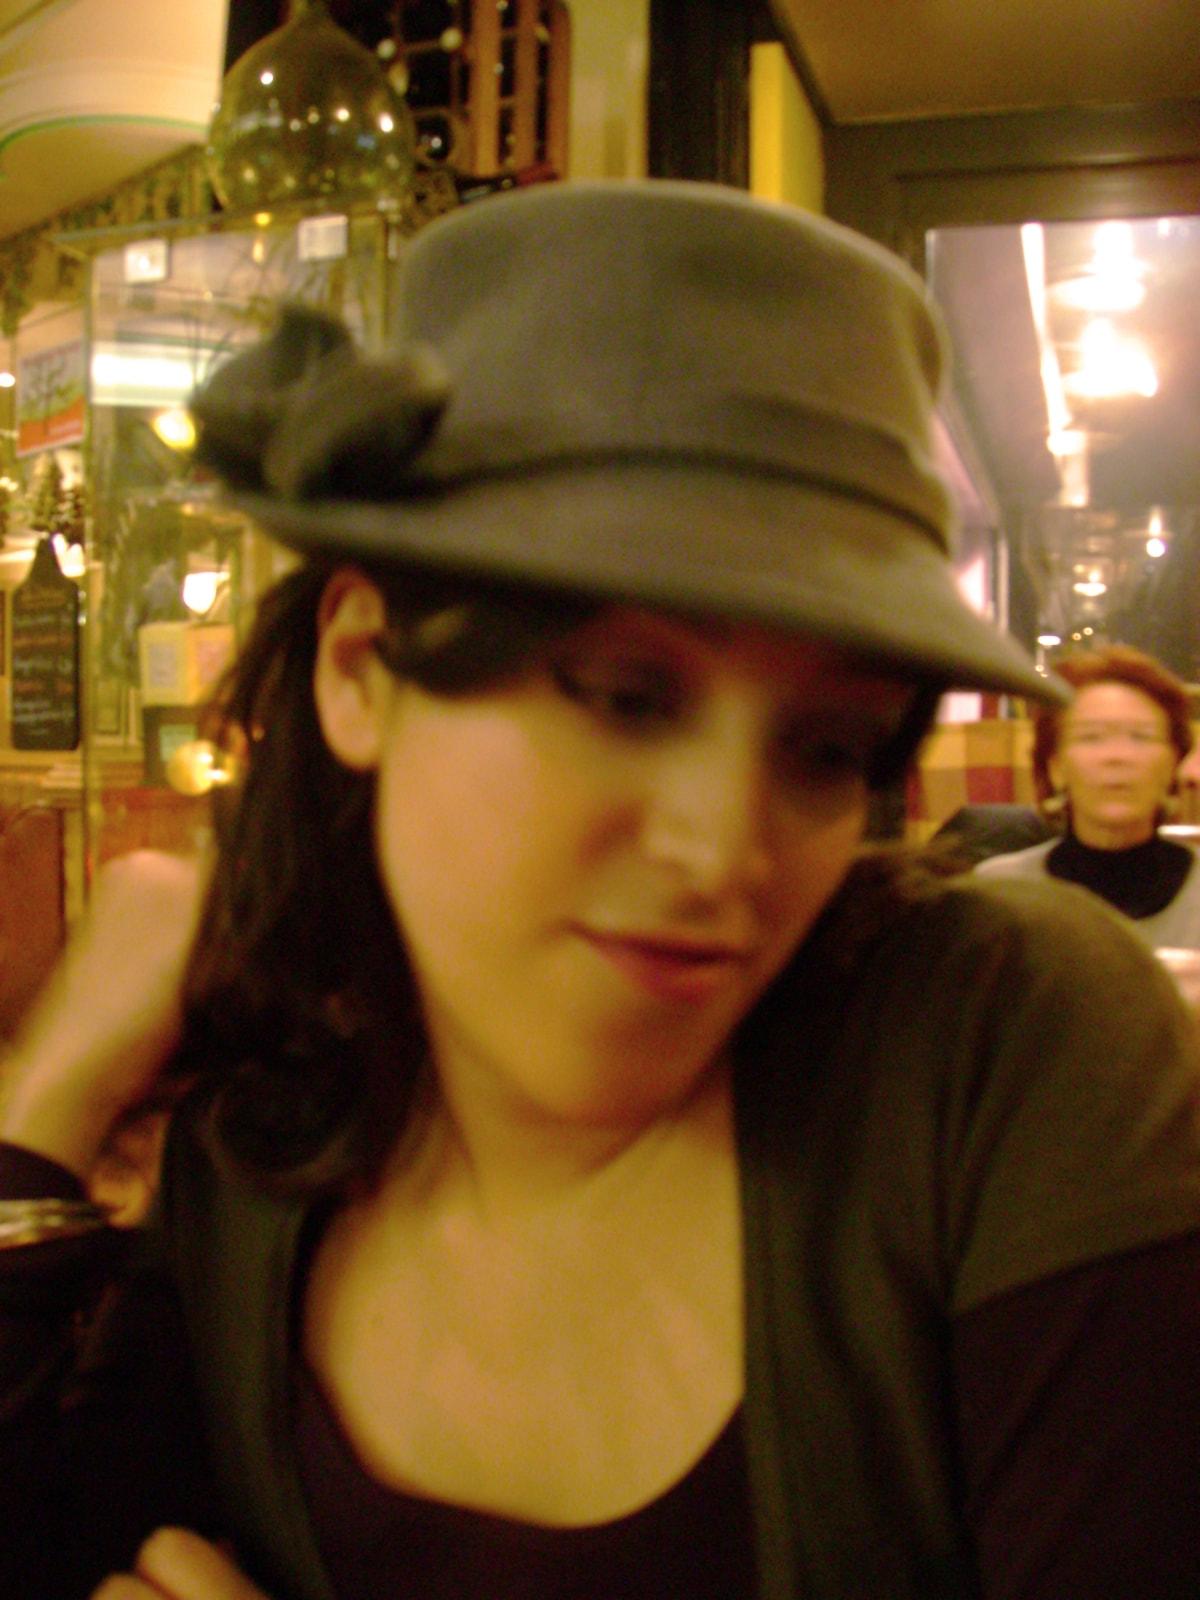 Marina From Ofena, Italy